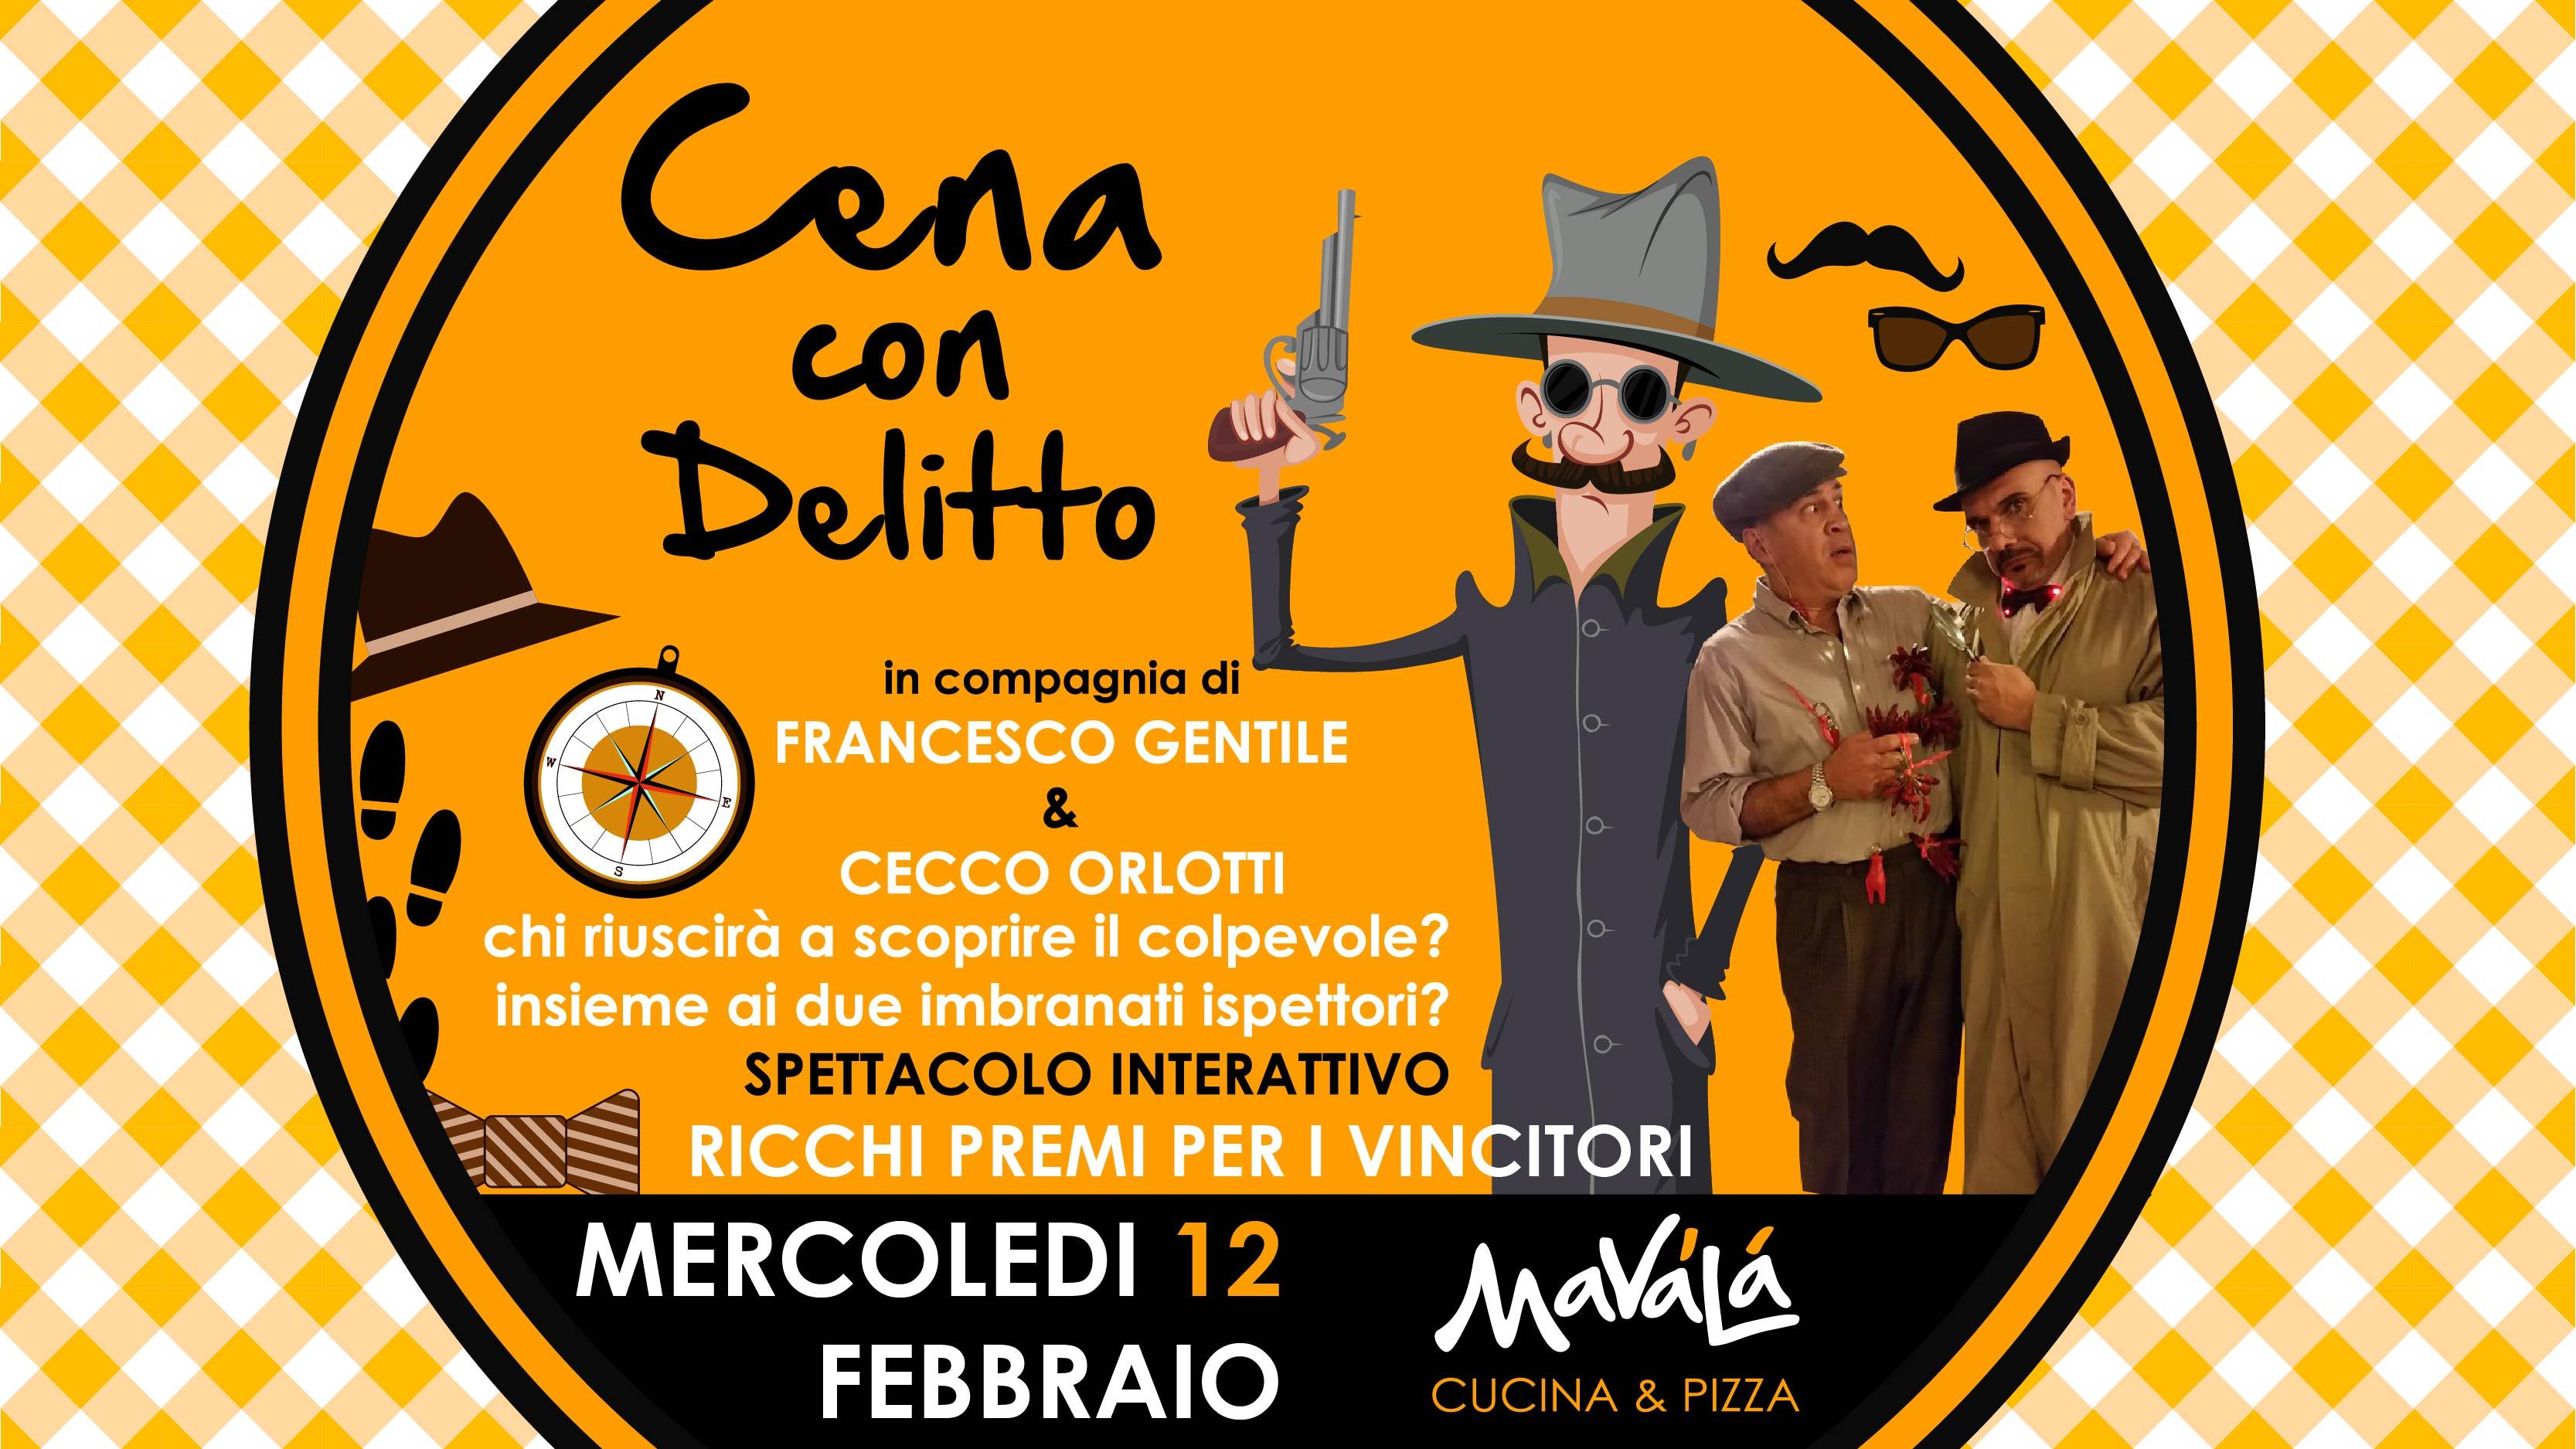 MAVALA_LOCANDINE_FEBBRAIO_12_CENA_CON_DELITTO7-04